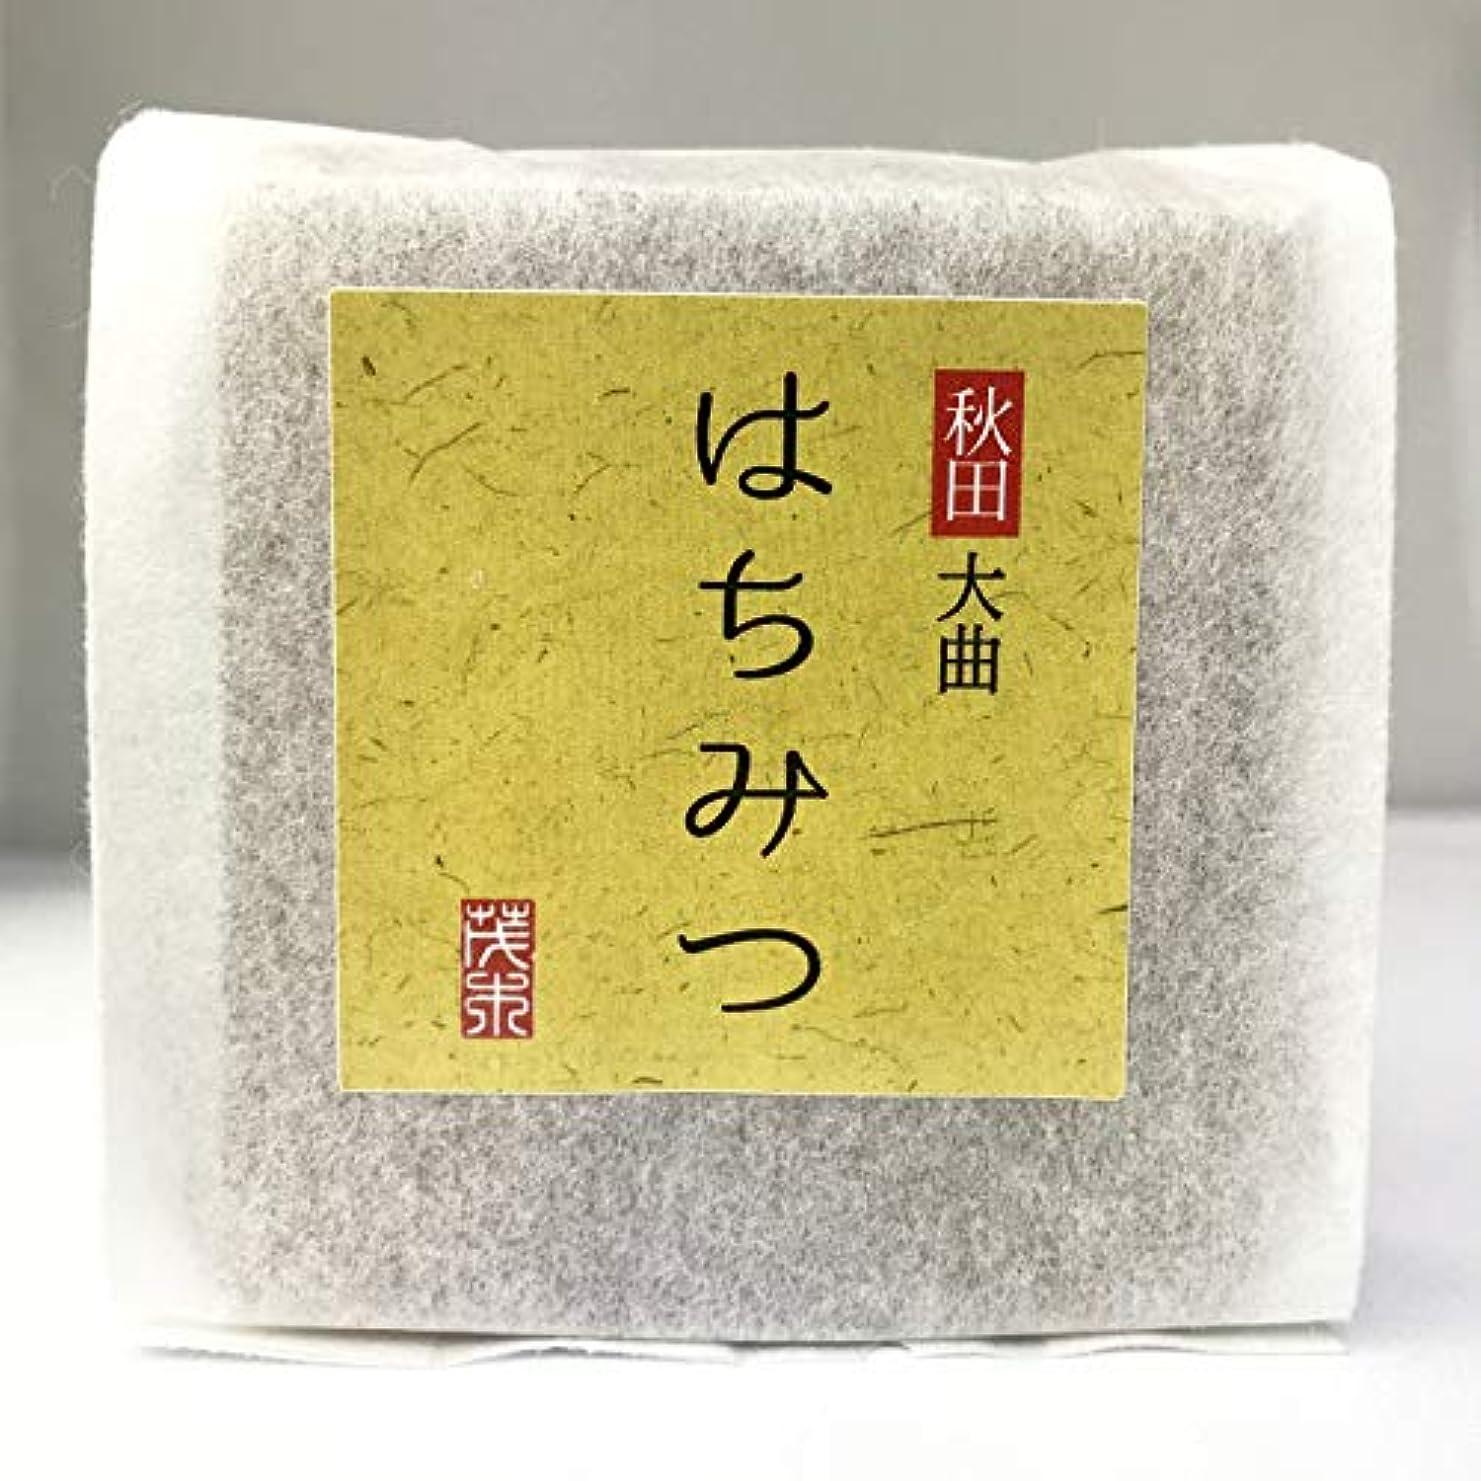 端末複雑でない伝導率無添加石鹸 はちみつ石鹸 100g